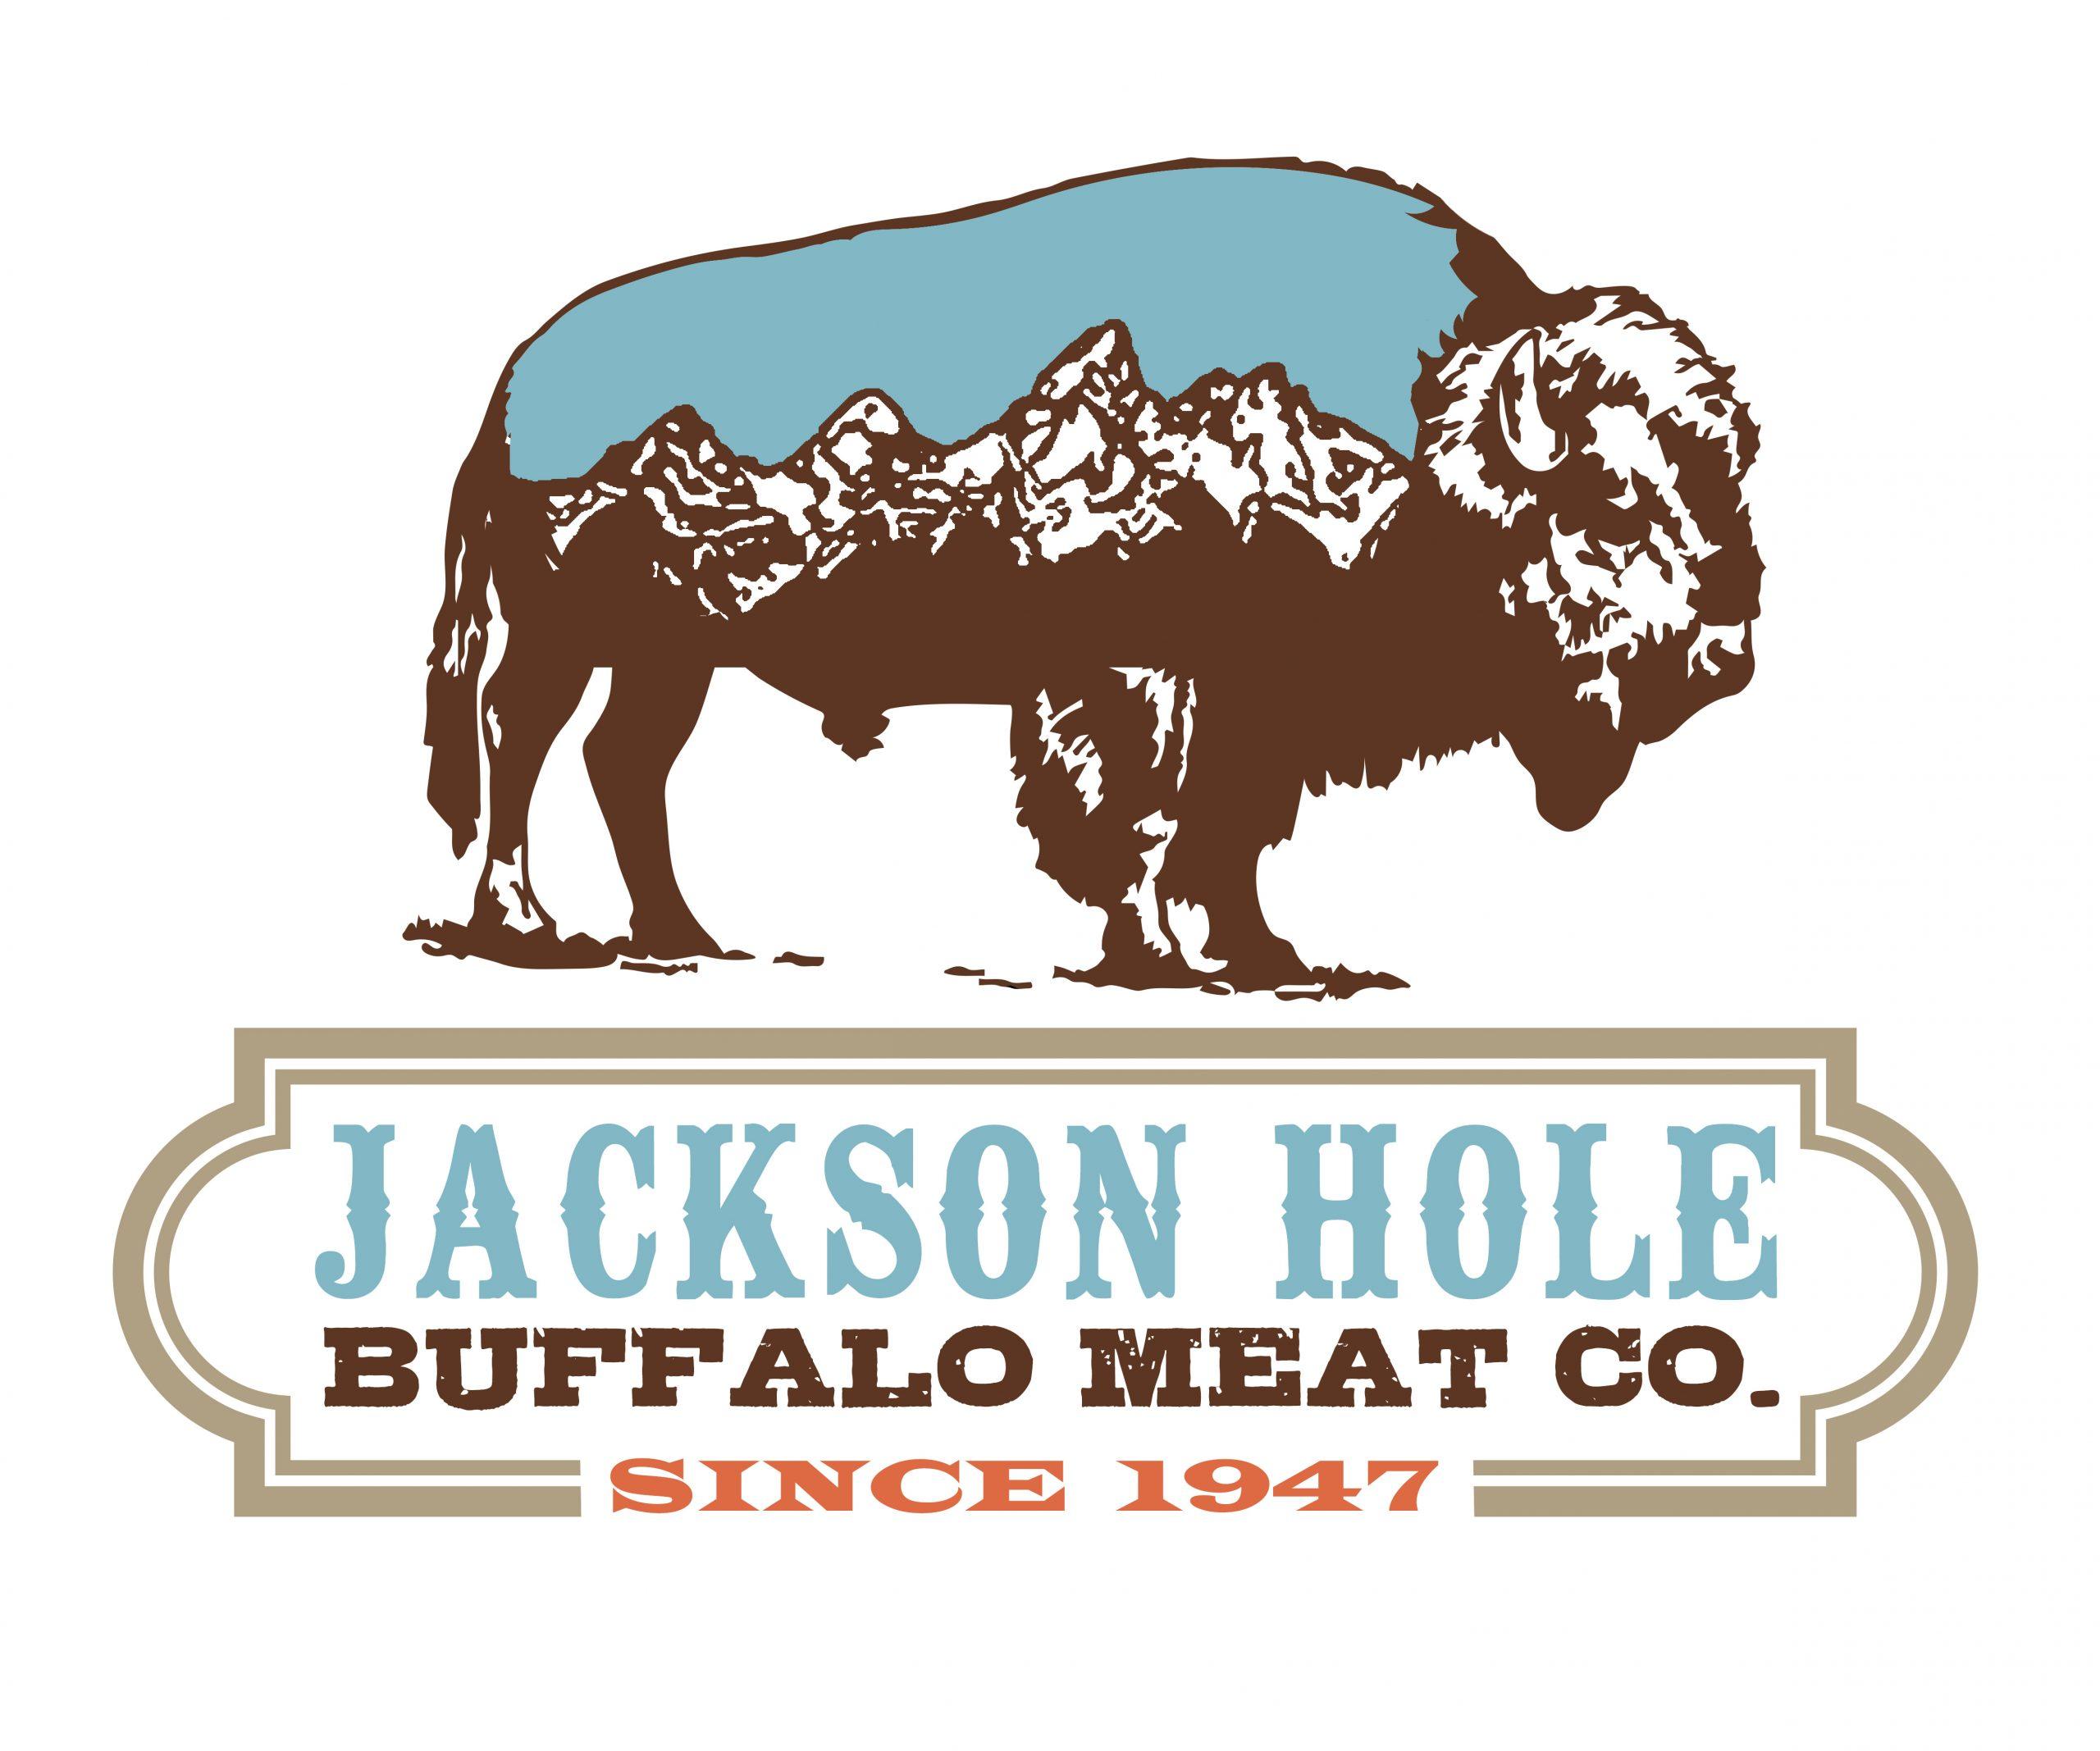 Jackson Hole Buffalo Meat